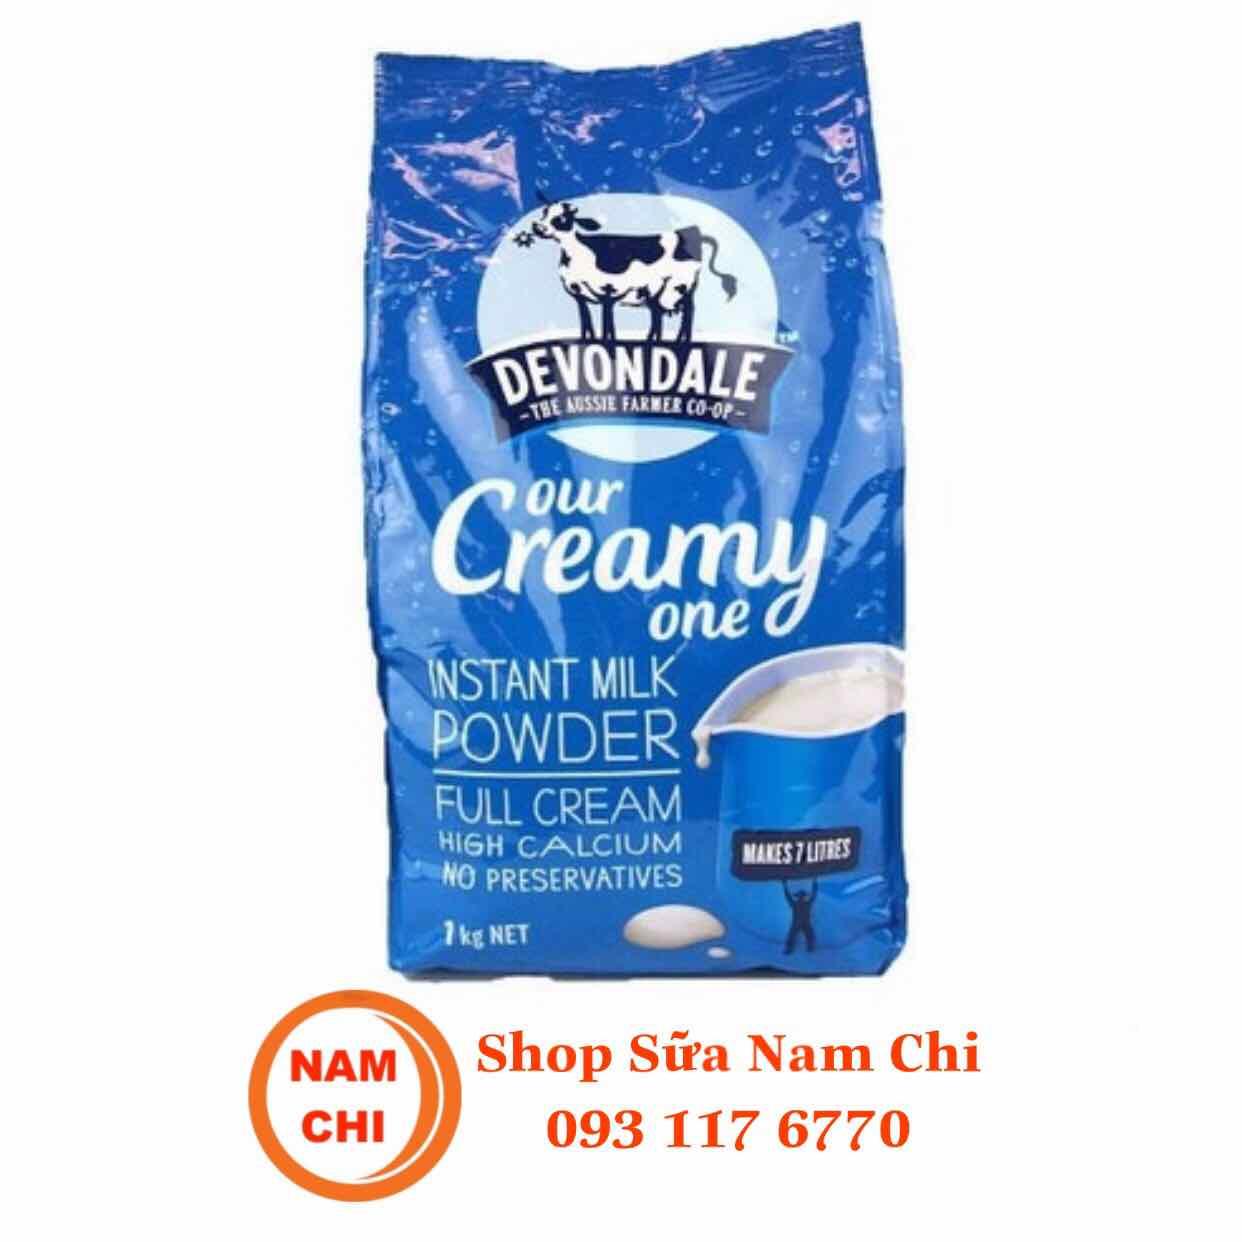 Sữa Bột Nguyên Kem Devondale 1kg Úc DATE 05-2020